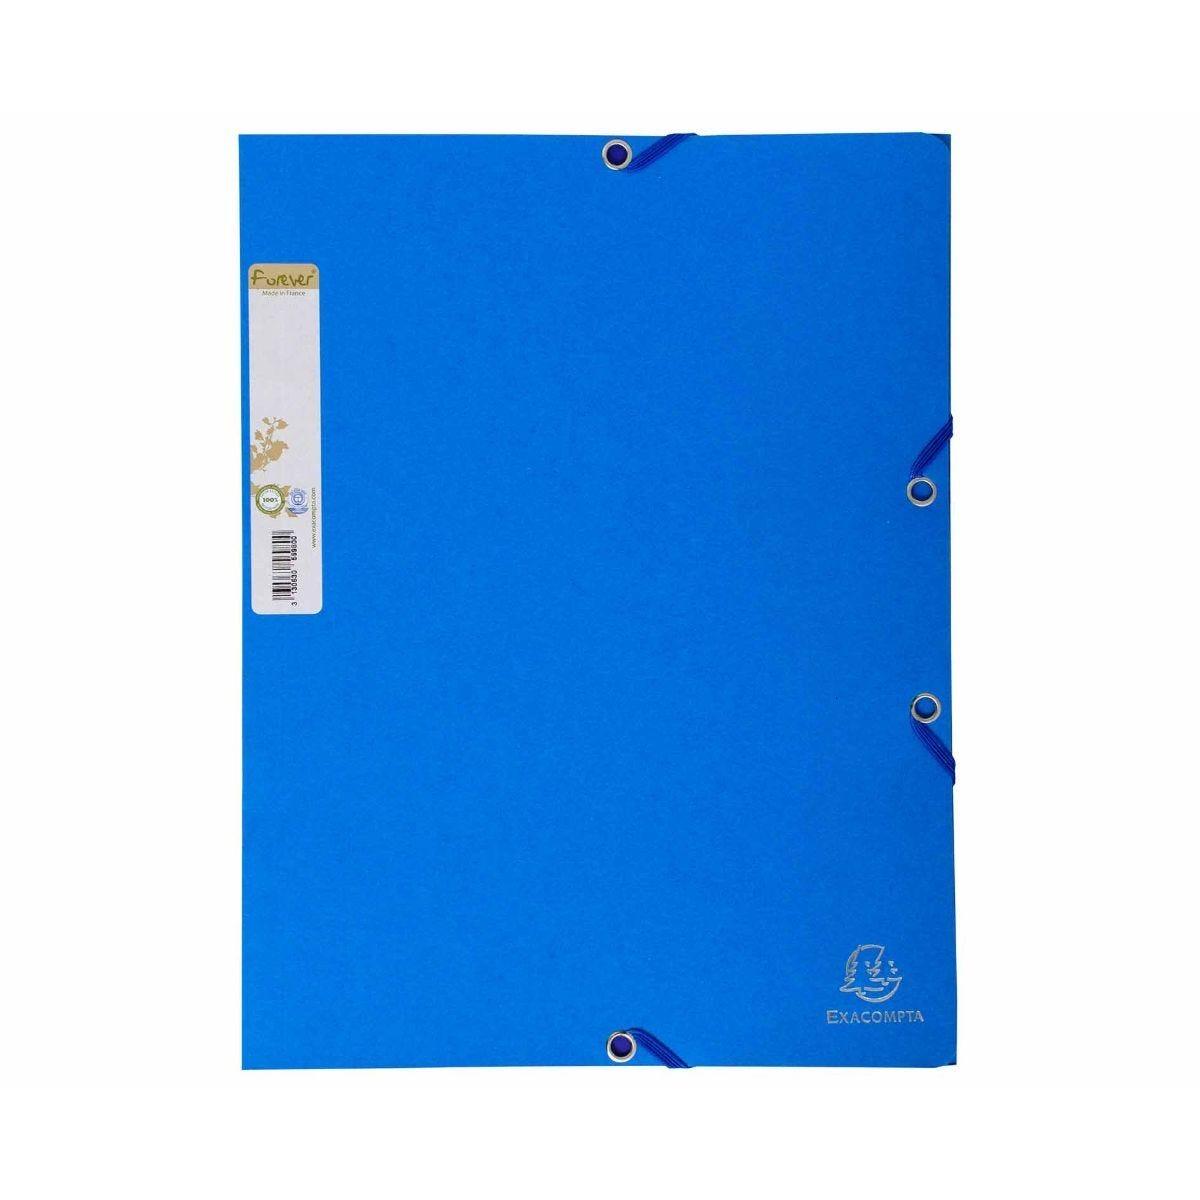 Exacompta Forever Elastic 3 Flap Folder A4 Pack of 25 Light Blue